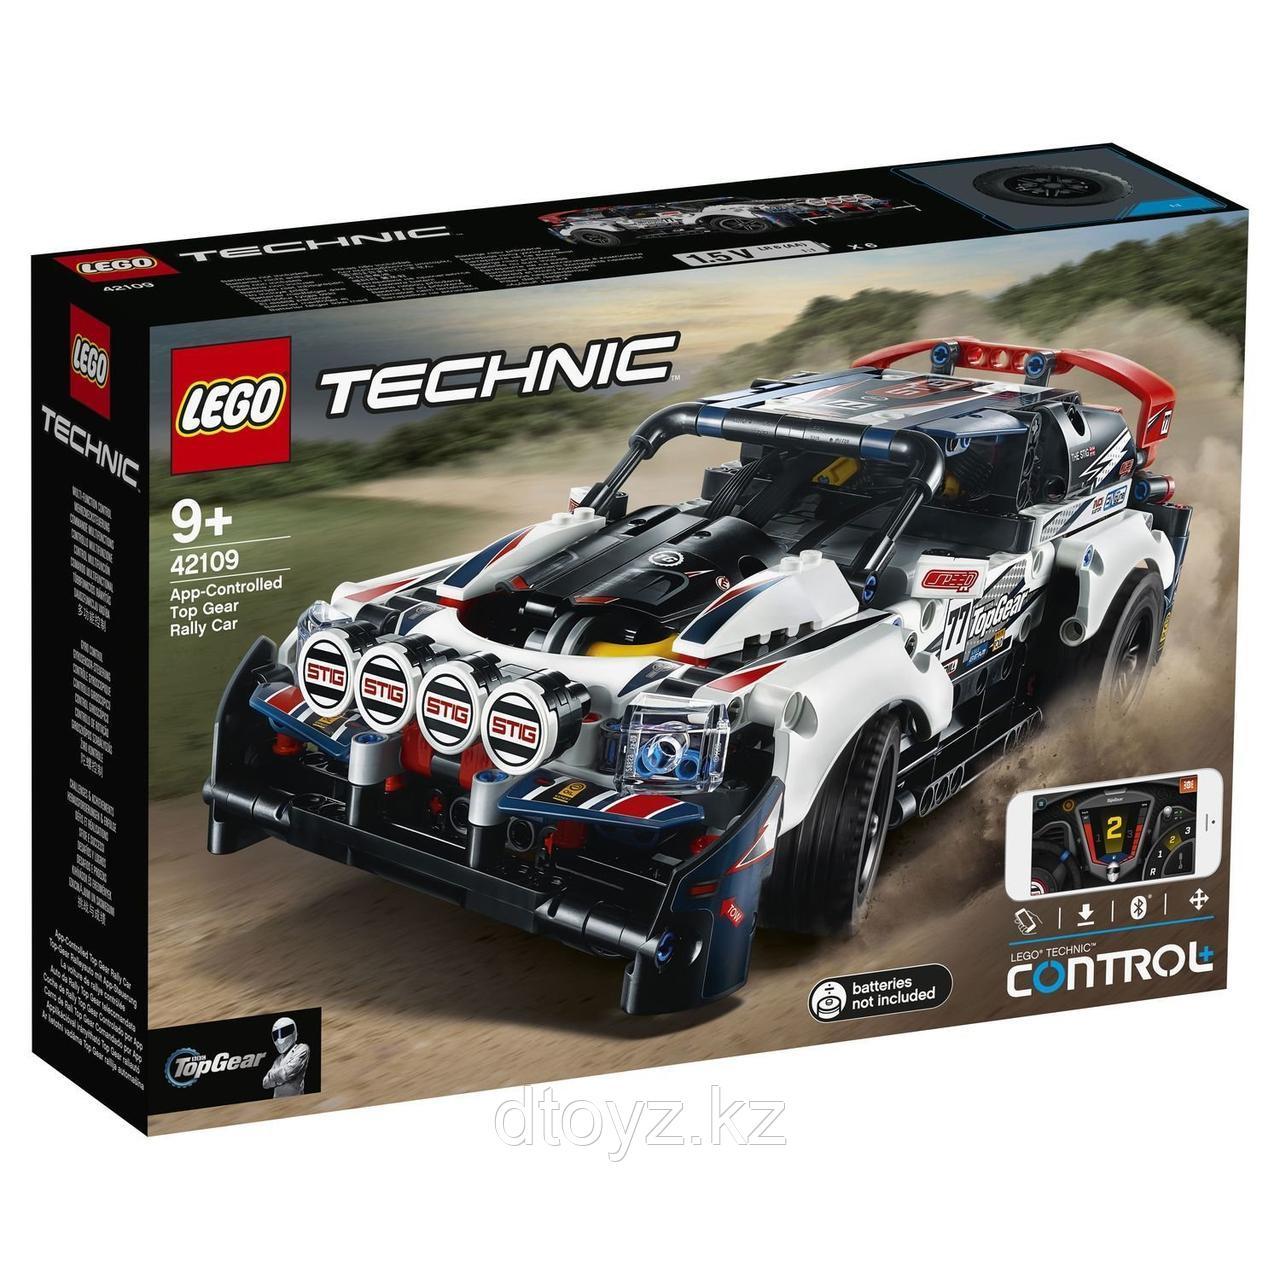 Lego Technic 42109 Гоночный автомобиль Top Gear